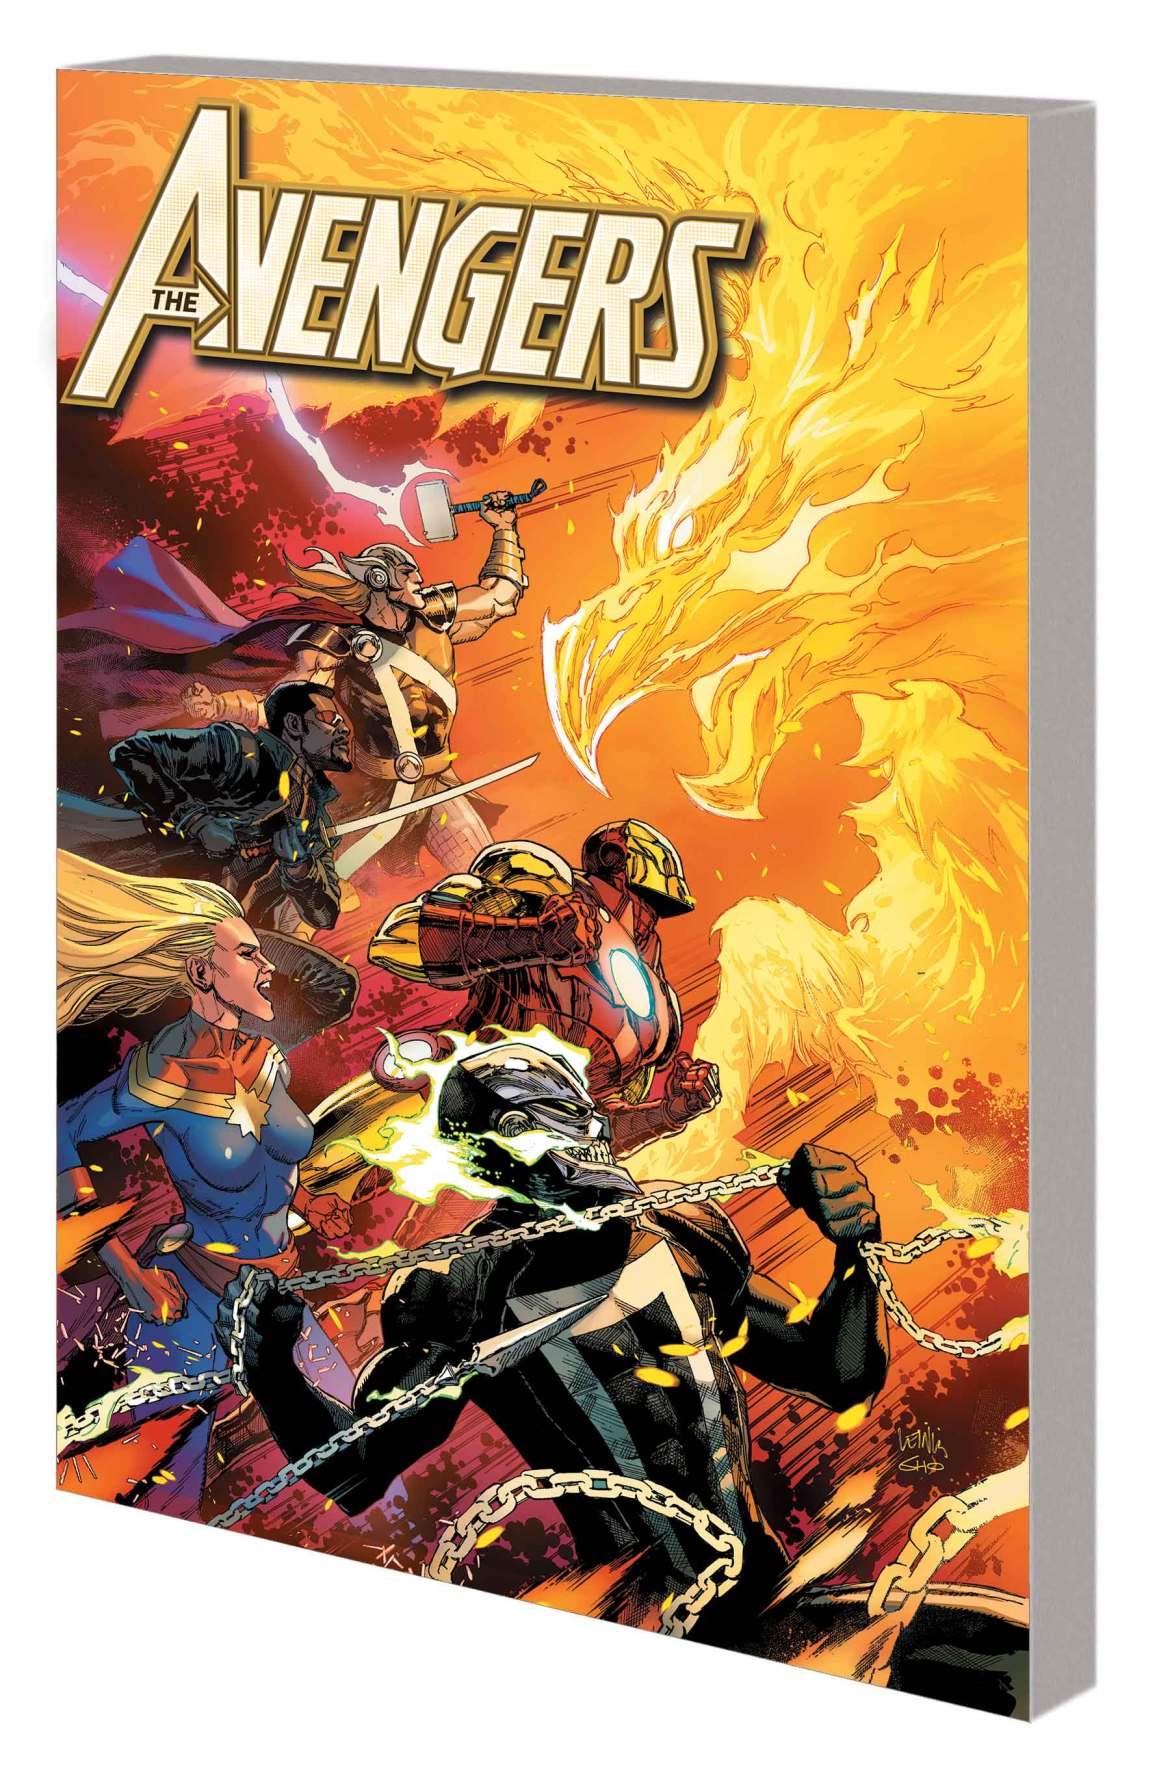 AVENGERS_JA_VOL_8_TPB-1 Marvel Comics May 2021 Solicitations